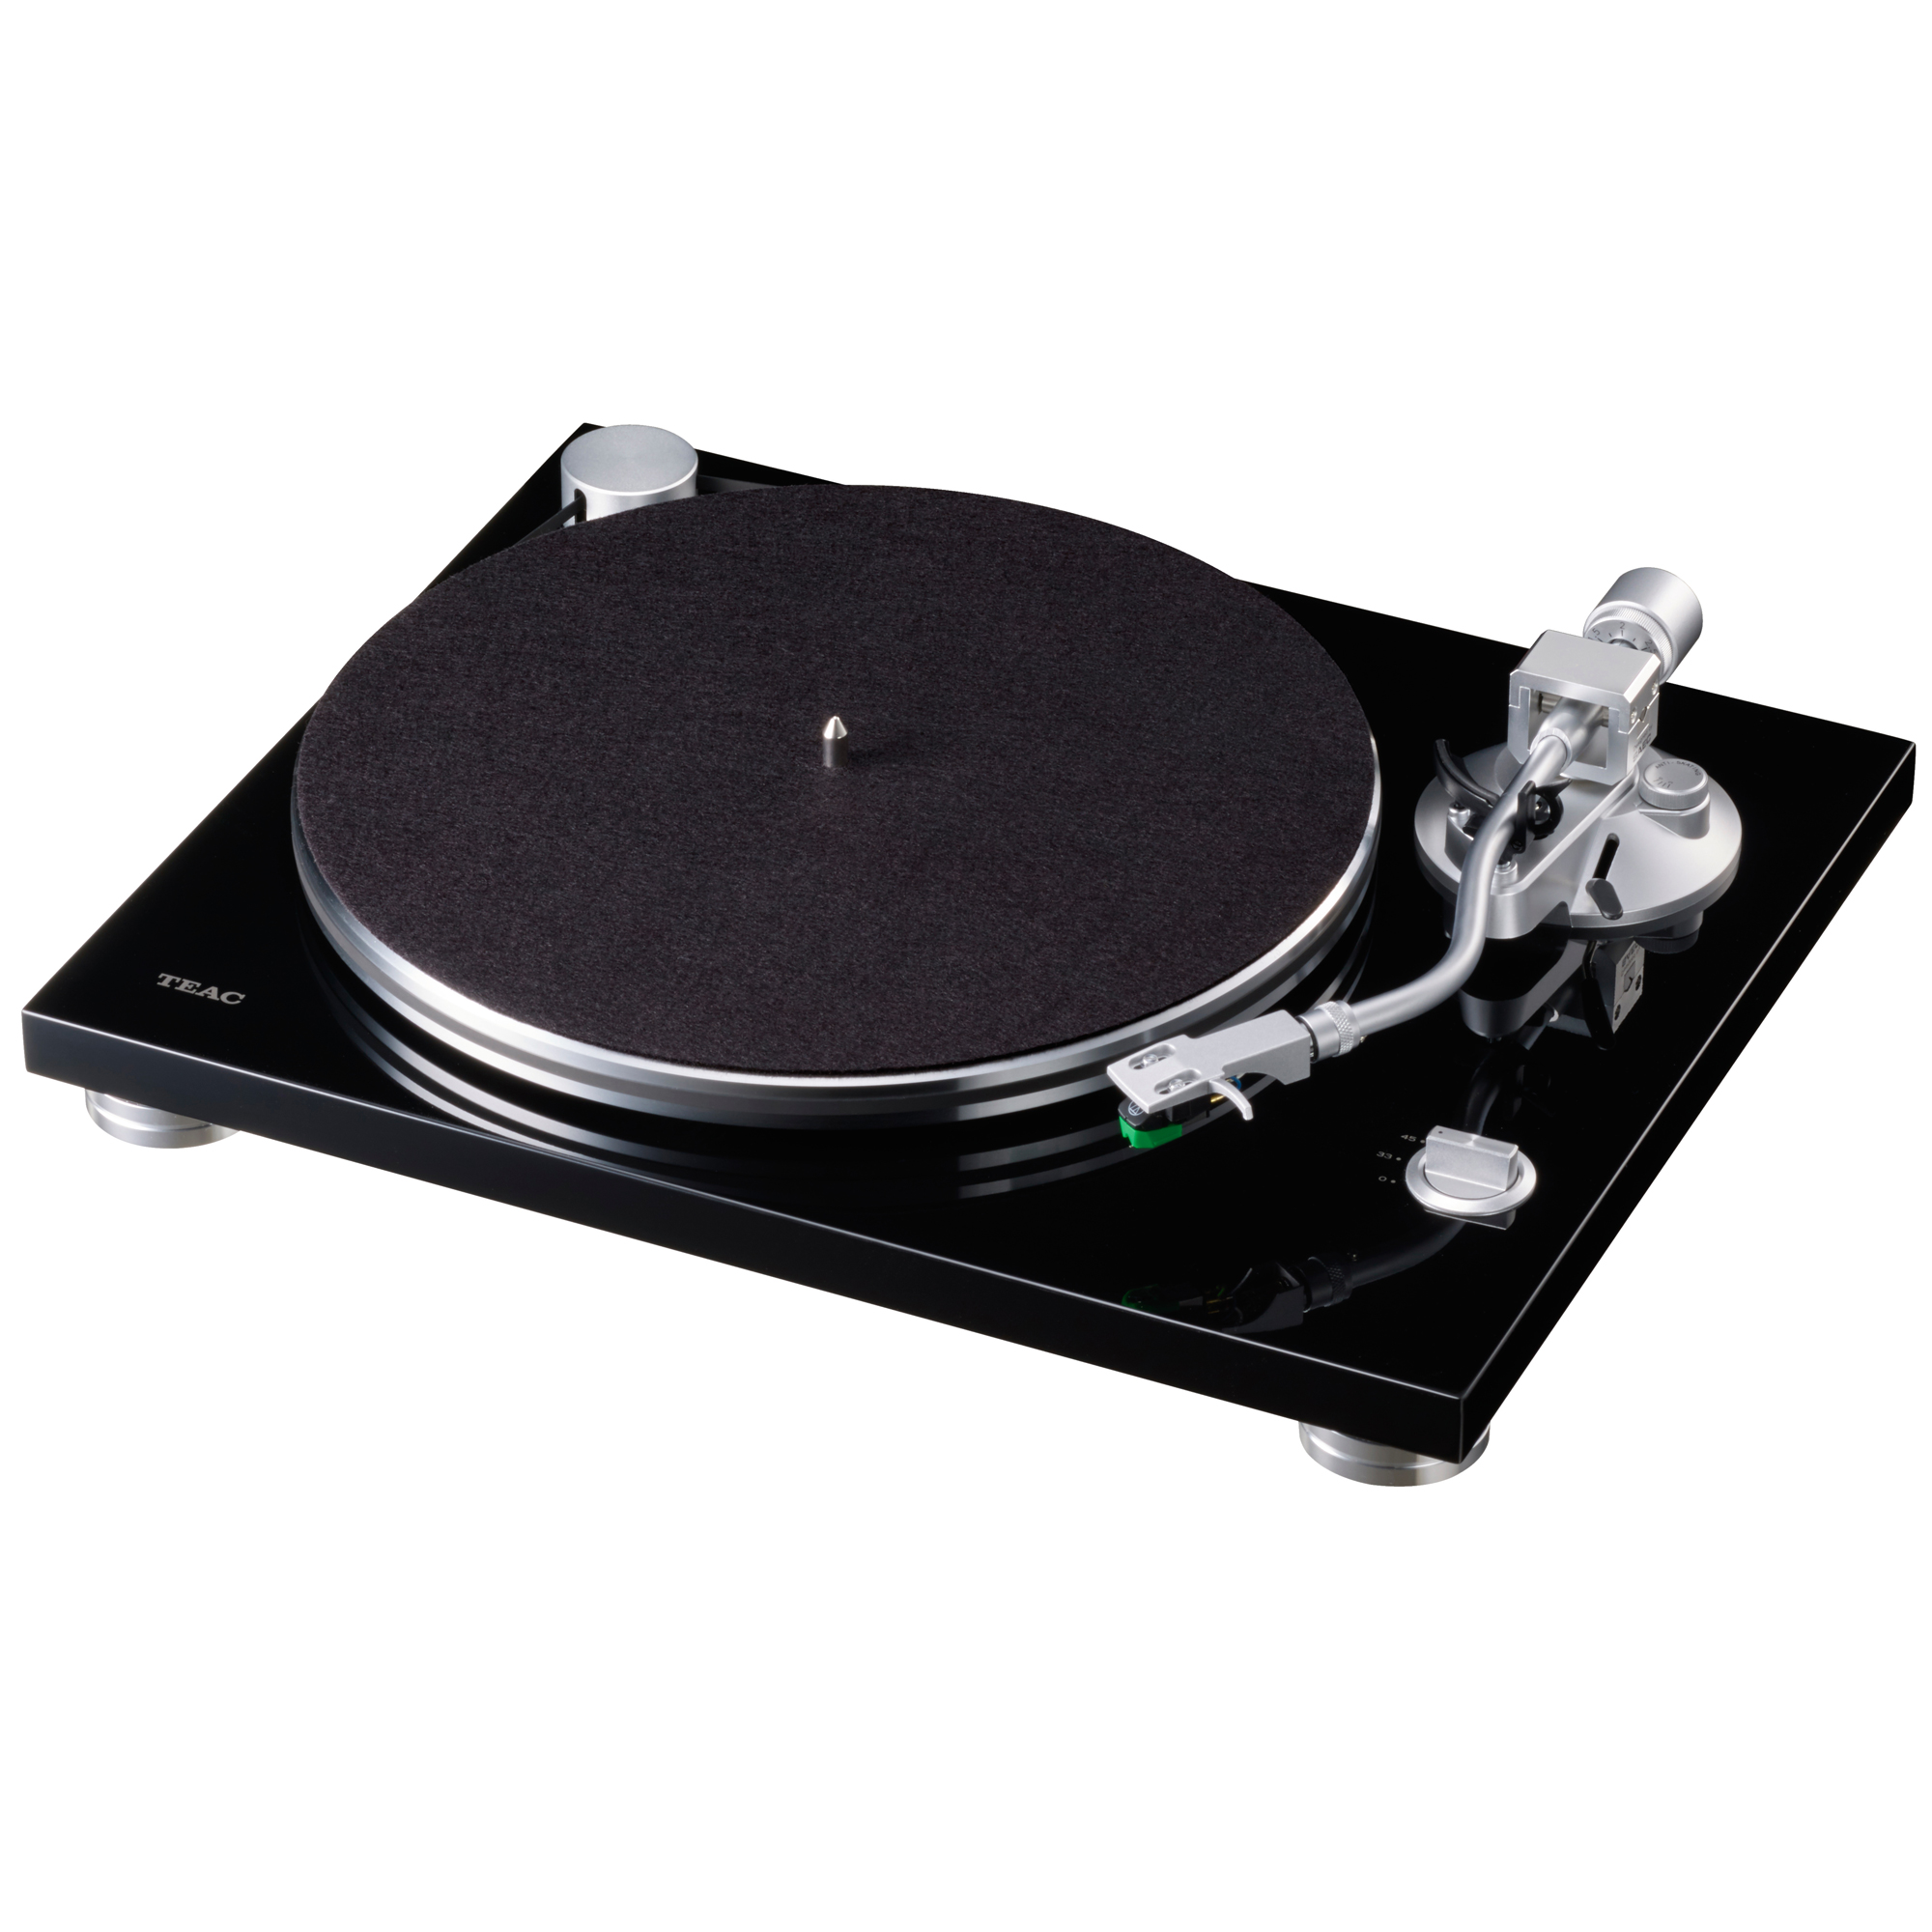 Teac TN-3B schwarz Plattenspieler 44185